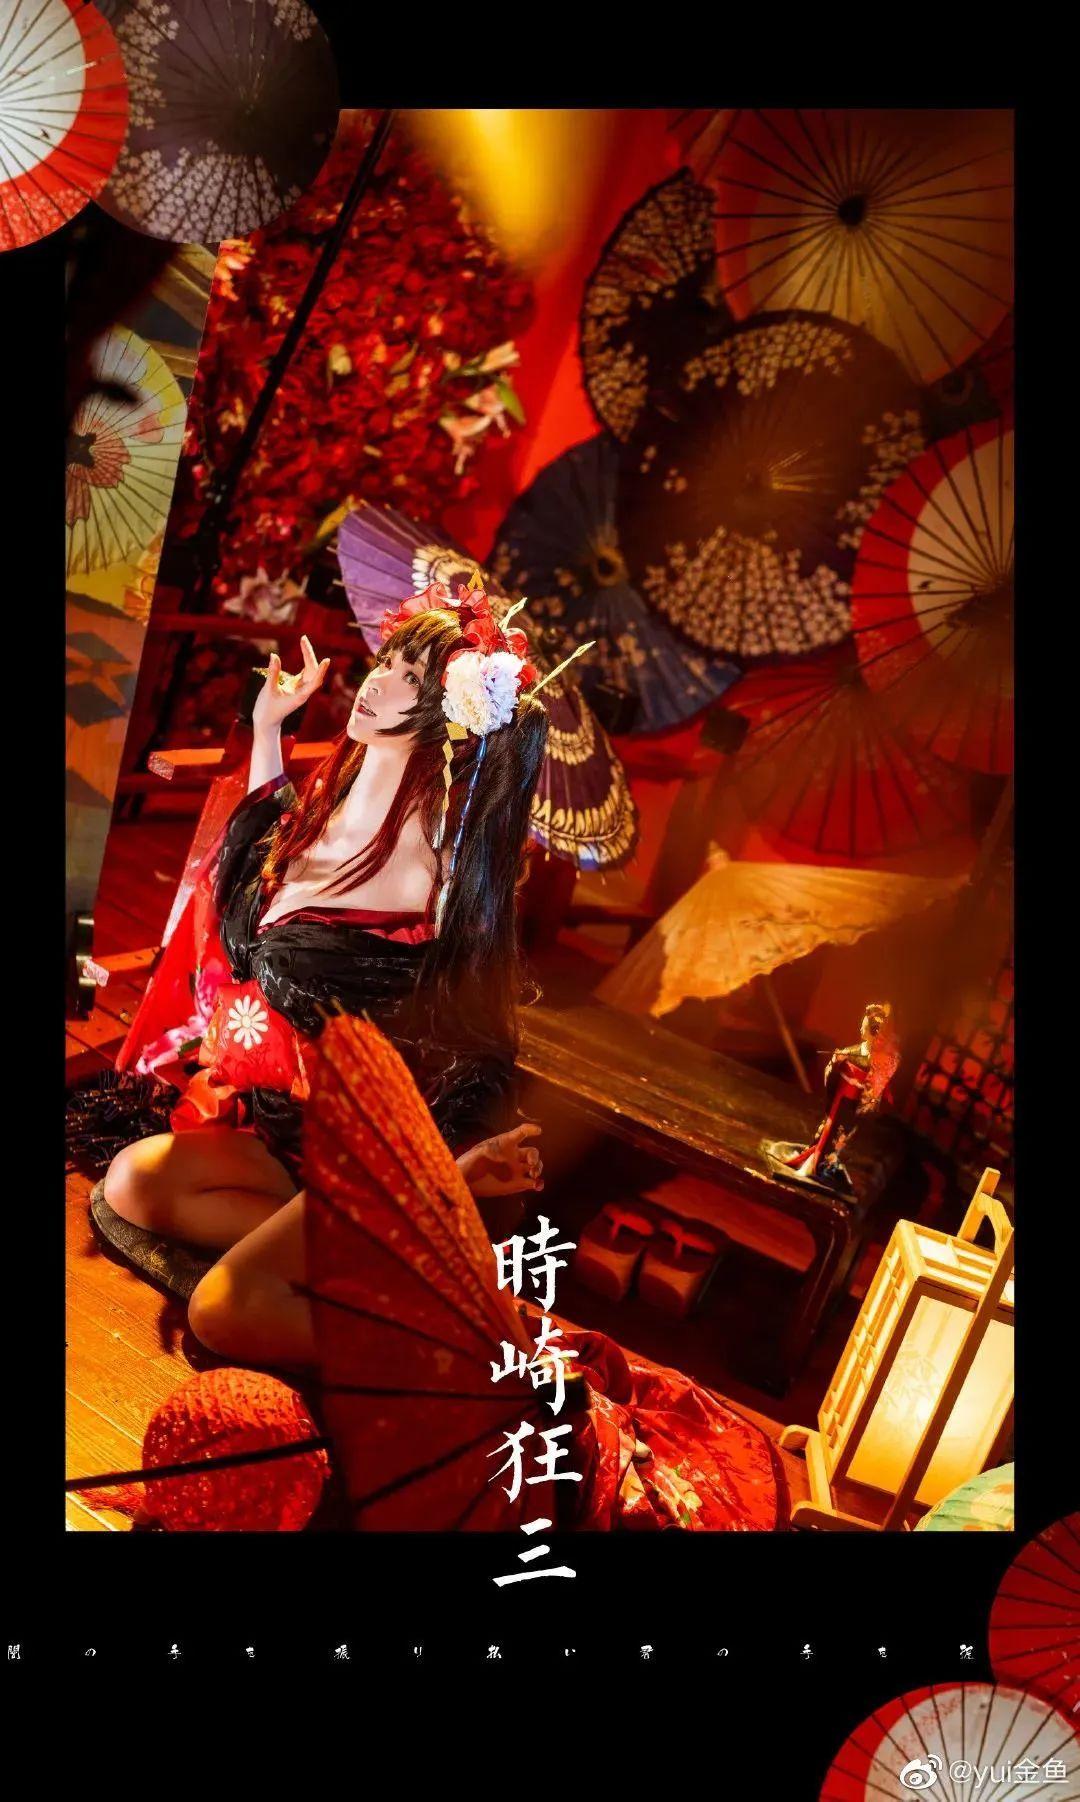 [狂三cosplay]yui金鱼小姐姐,艳丽和服狂三,媚感十足_图片 No.5